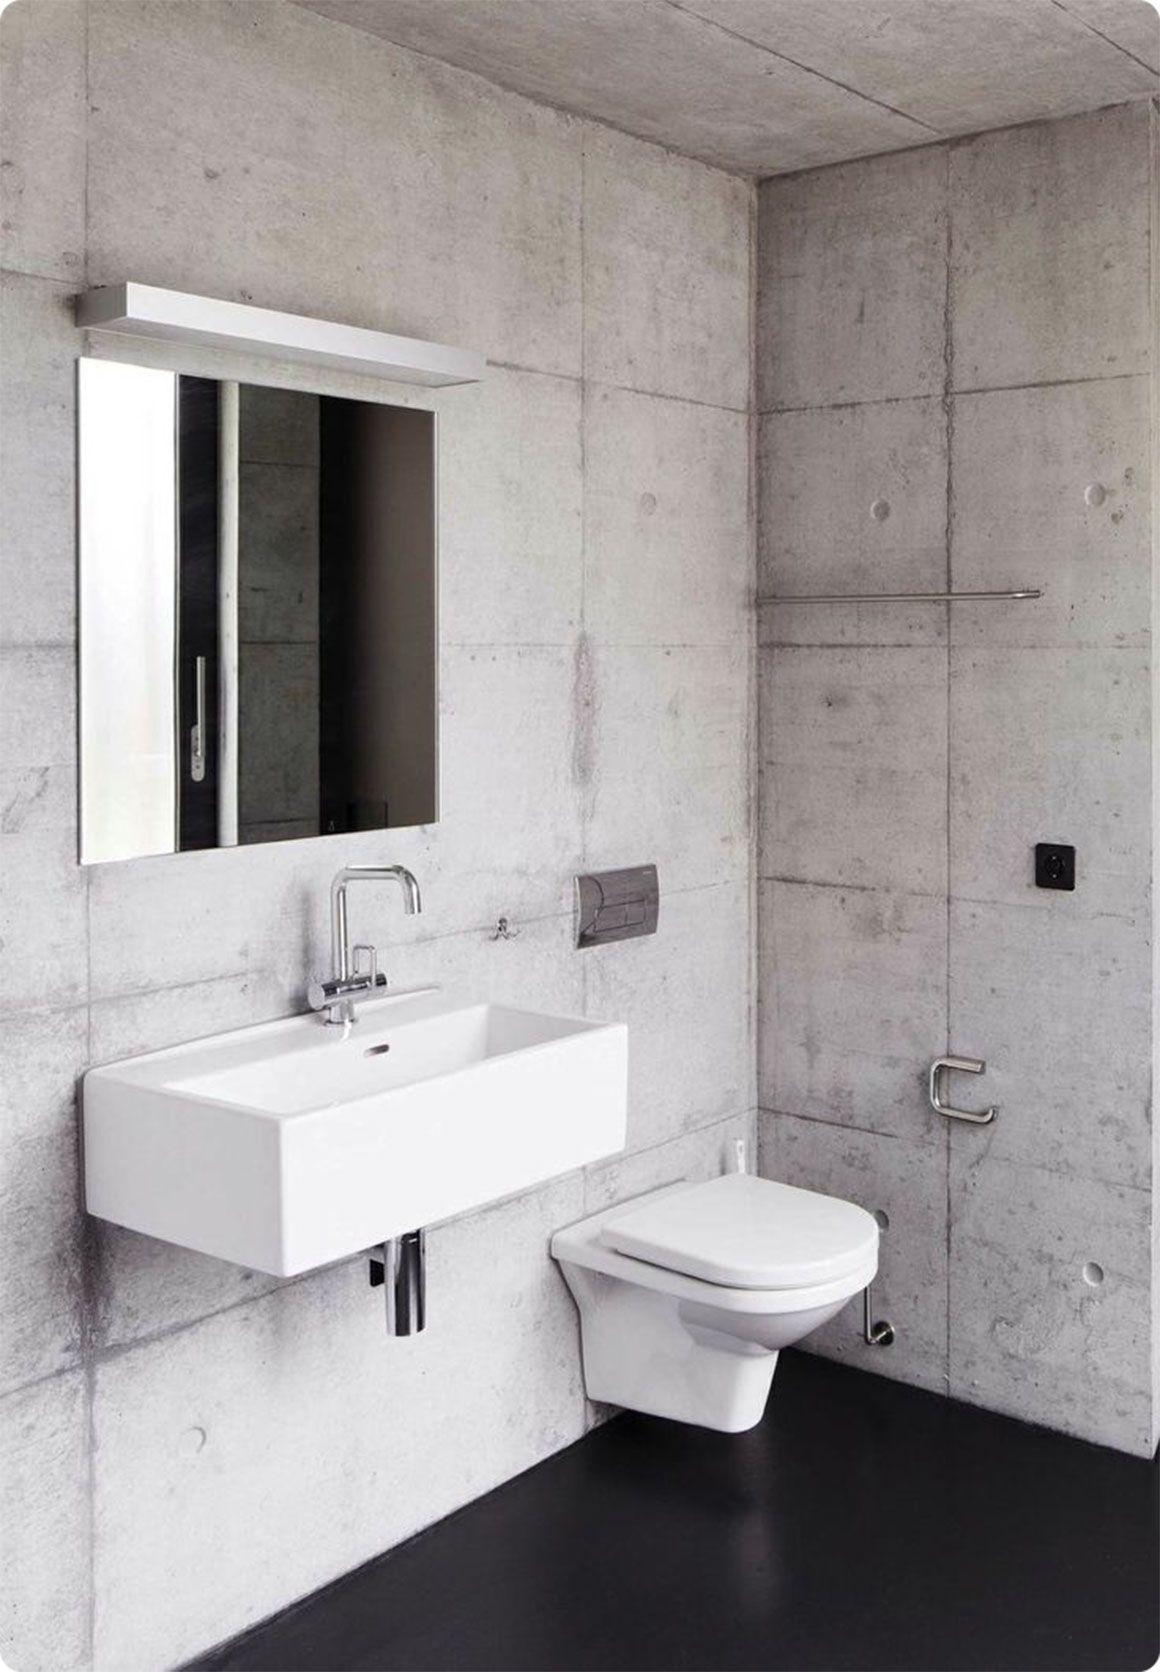 Modern concrete bathroom design | Bydlení | Pinterest | Concrete ...